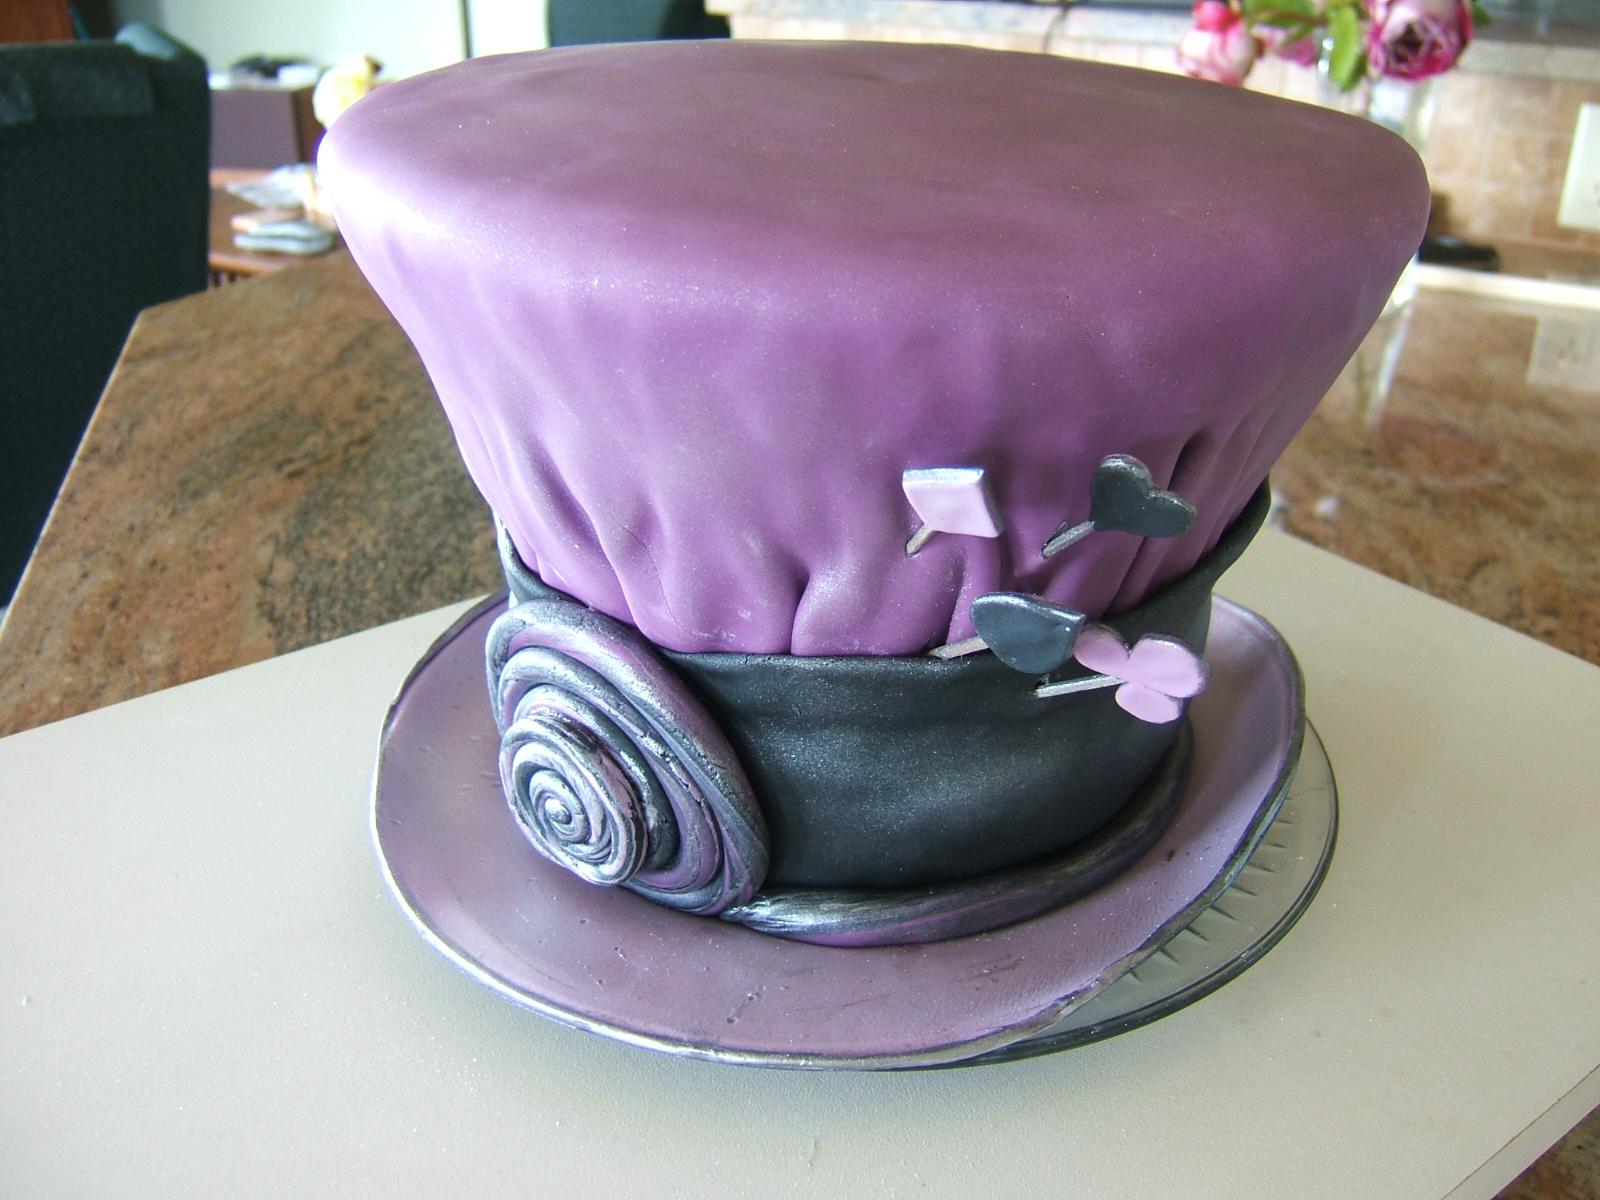 http://1.bp.blogspot.com/_1zkrOdGewIw/TB0qW4SWe-I/AAAAAAAAAe0/5BJSRoF5djk/s1600/Mad+Hatter+Hat+cake+015.jpg